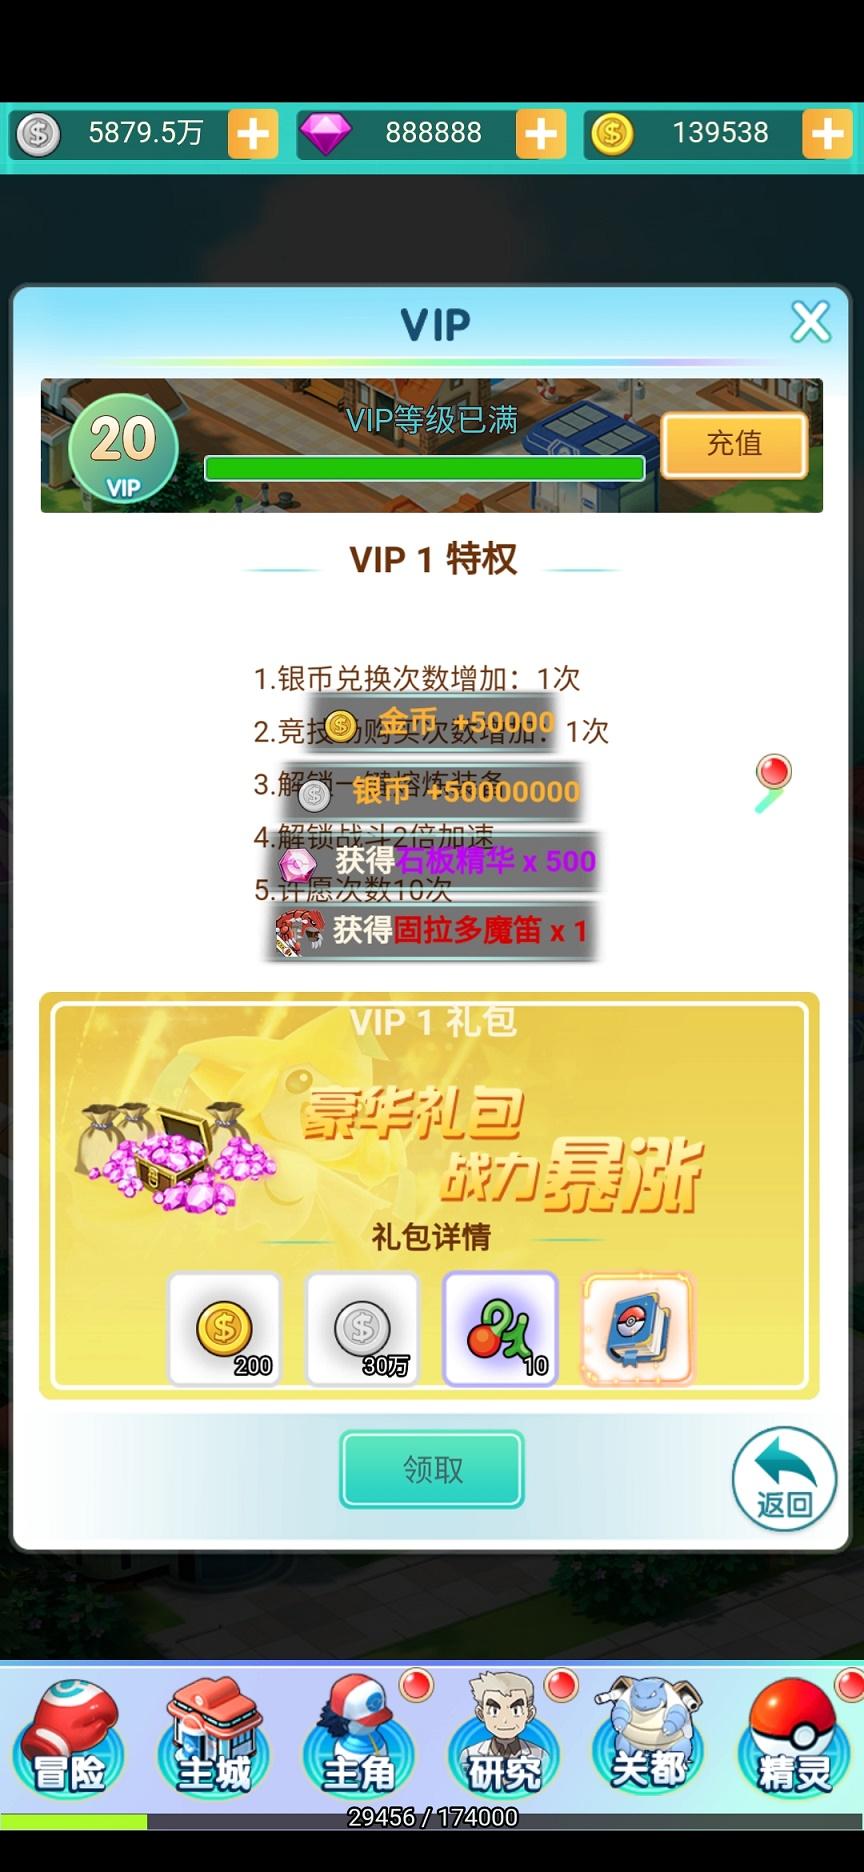 【安卓游戏】精灵王国v1.3.3/直装破解版/无限银币/大量钻石/无限加速